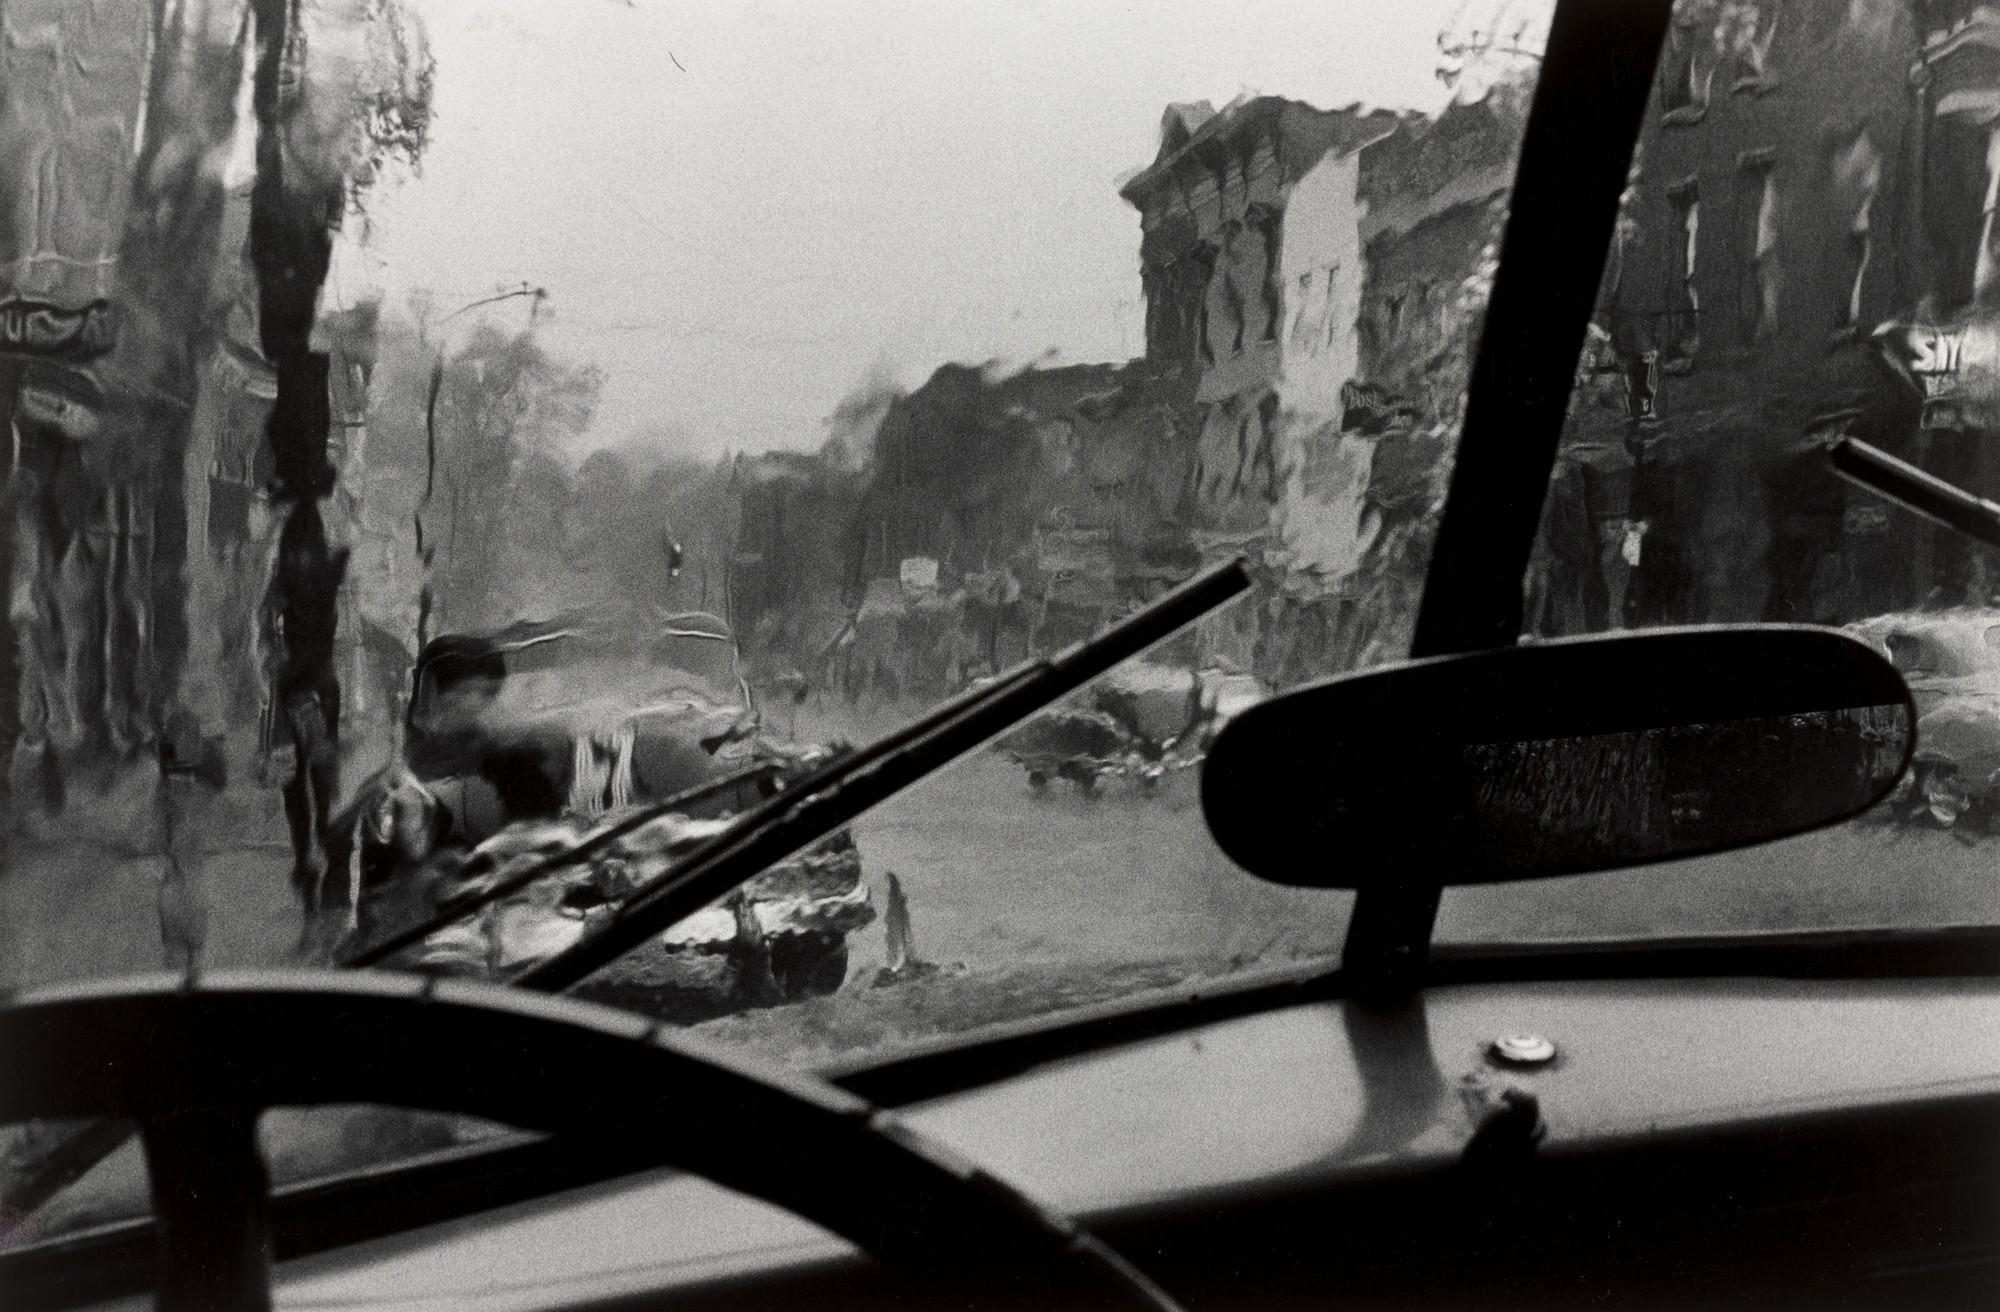 Louis Stettner: Windshield, Upstate New York, 1954